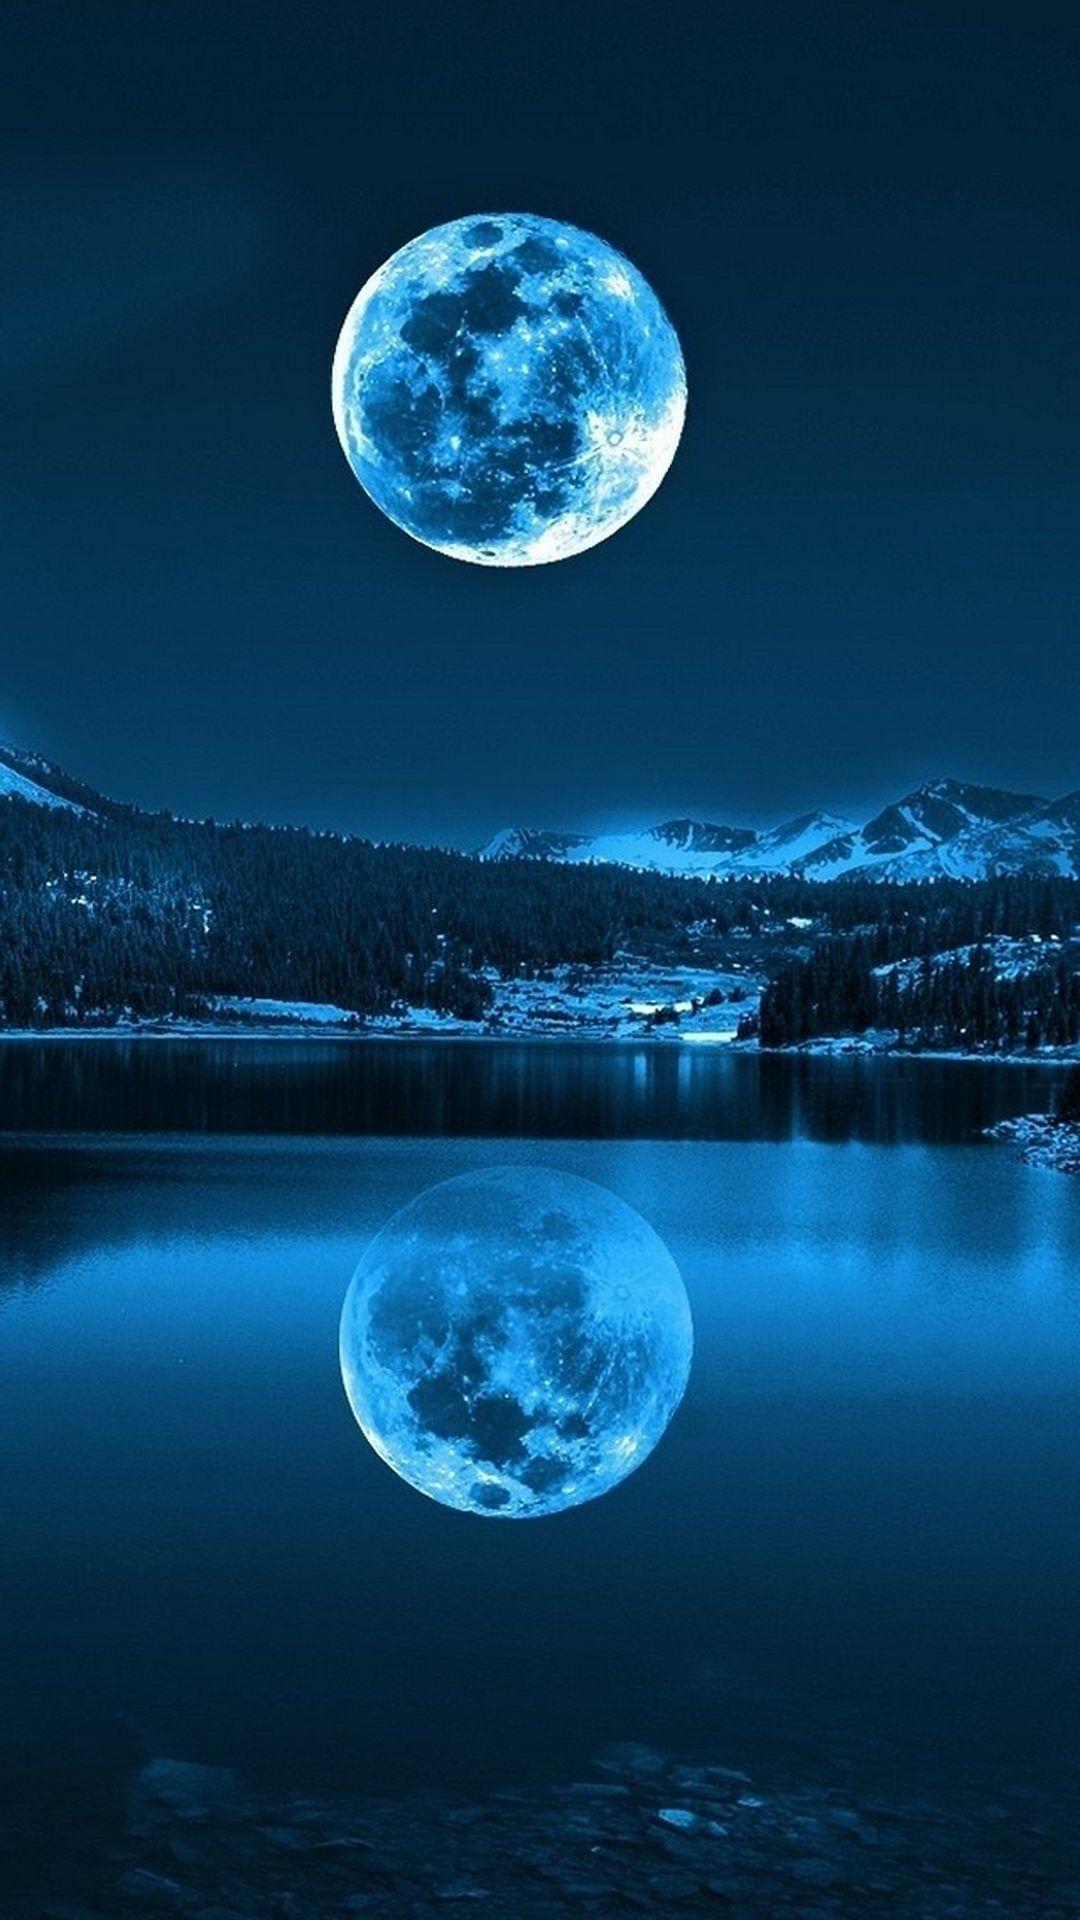 人気5位 満月 美しい月 月 壁紙 月の写真